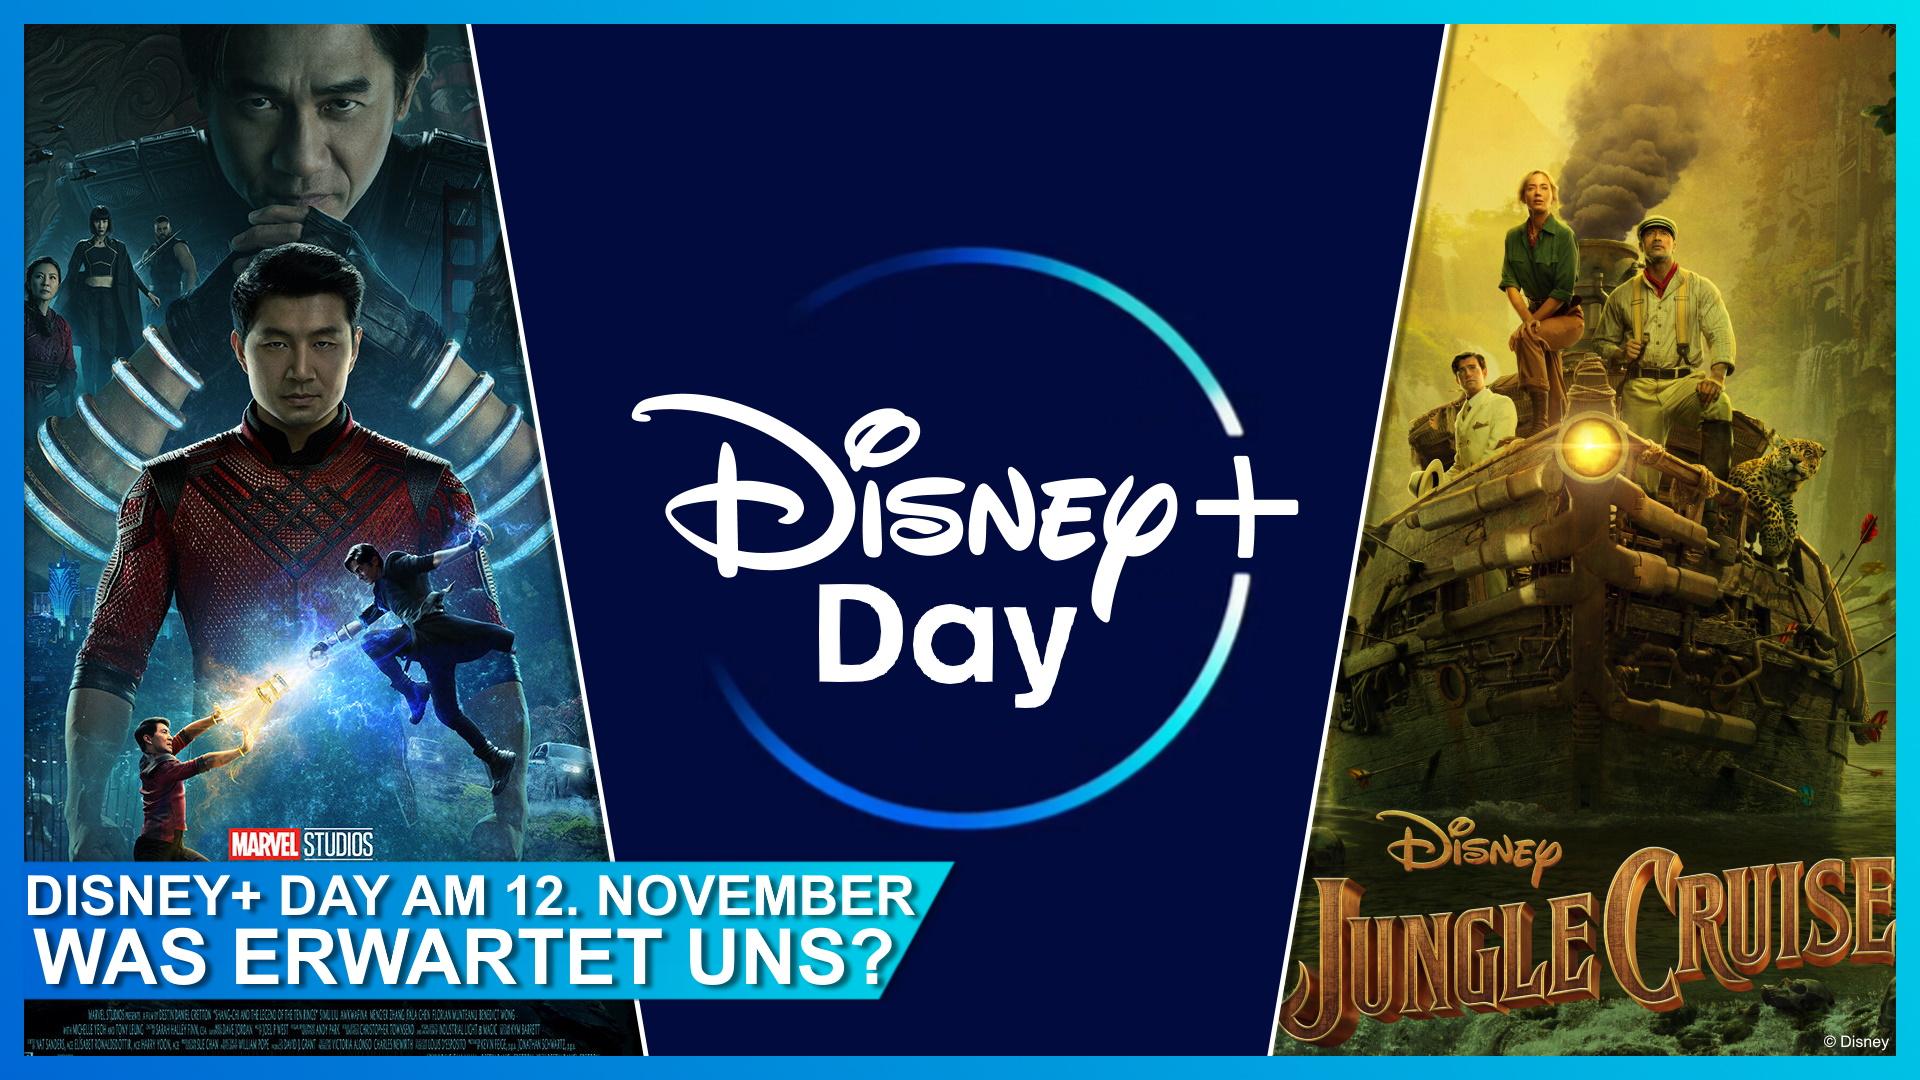 Der Disney+ Day am 12. November 2021